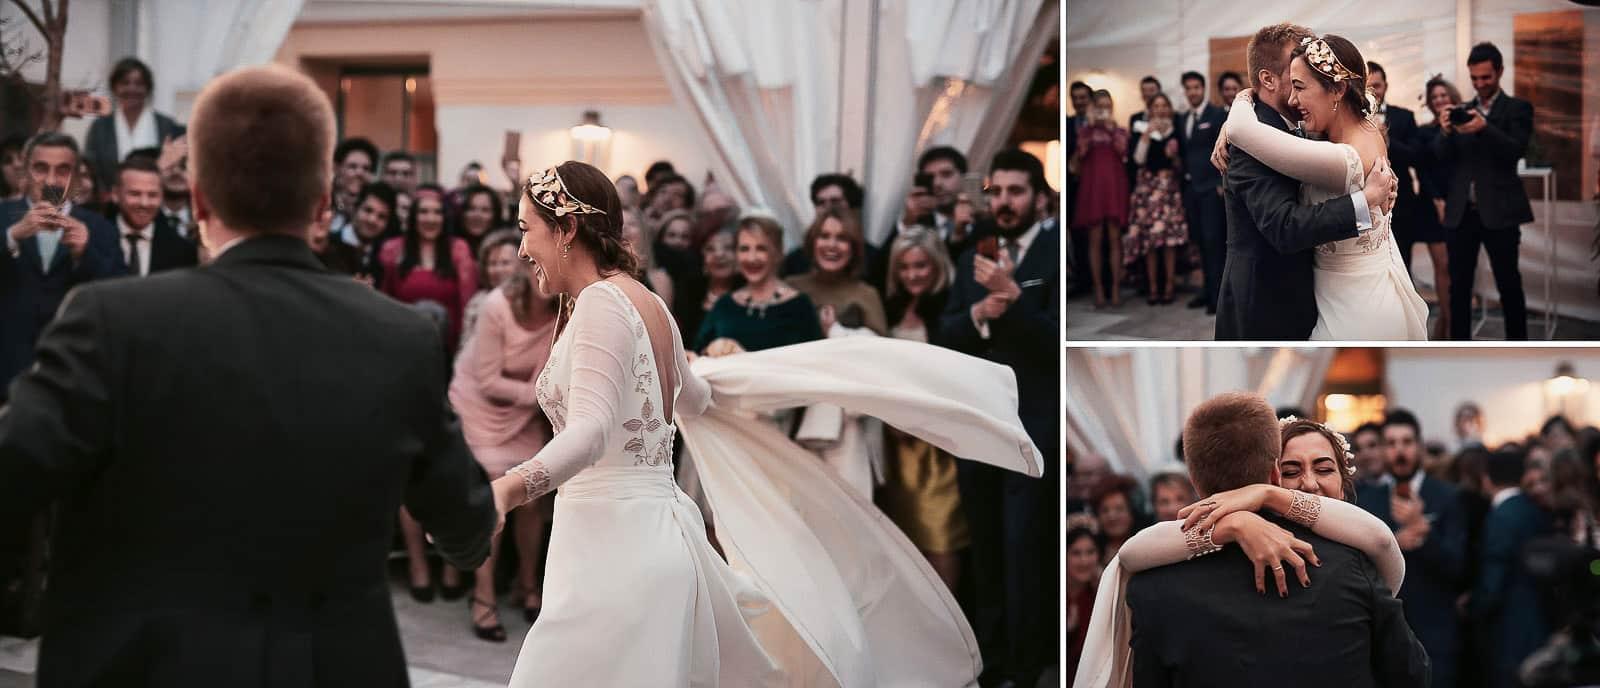 baile boda novios pareja abrazo